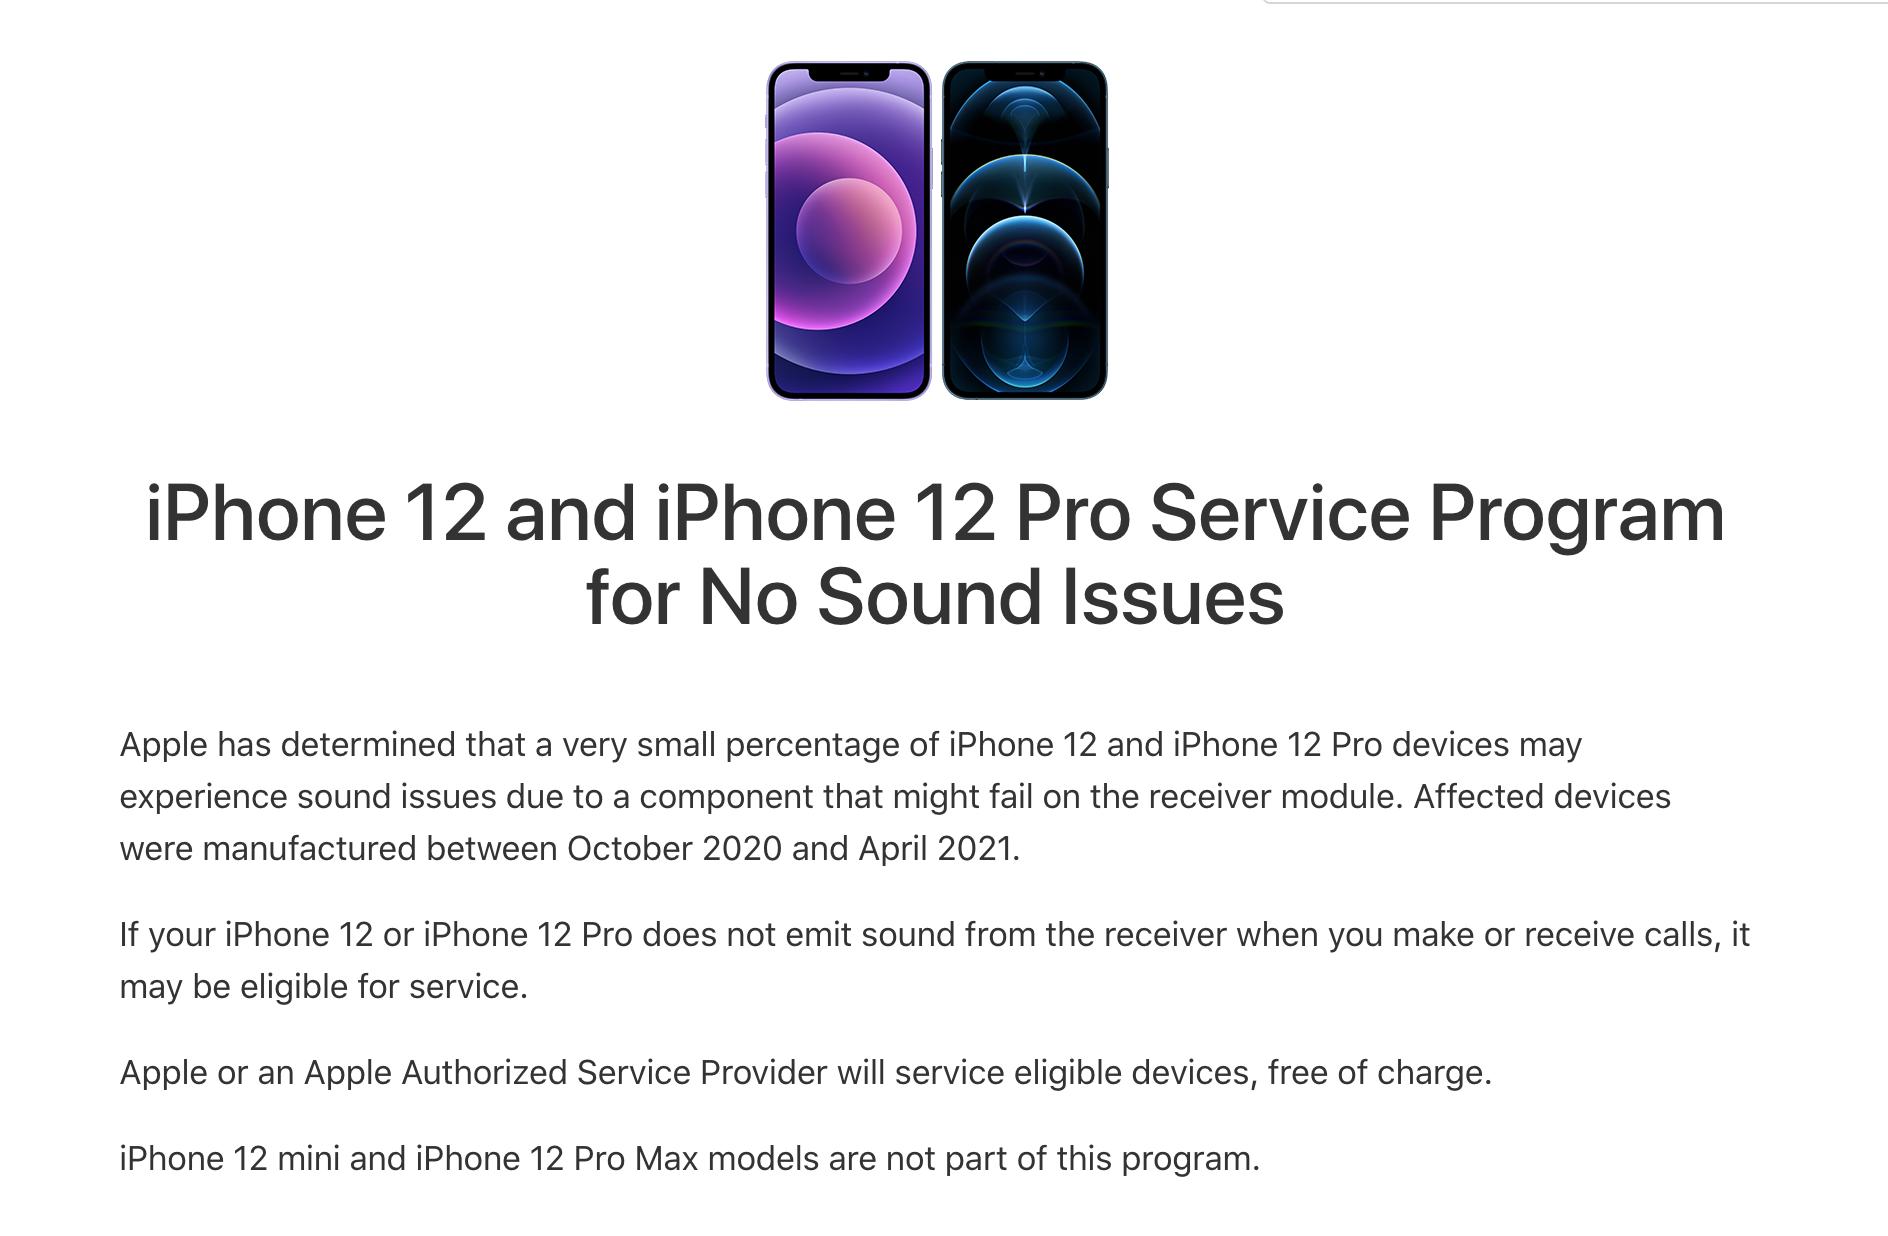 Apple thông báo về lỗi và việc bảo hành cho iPhone 12, iPhone 12 Pro bị lỗi âm thanh.